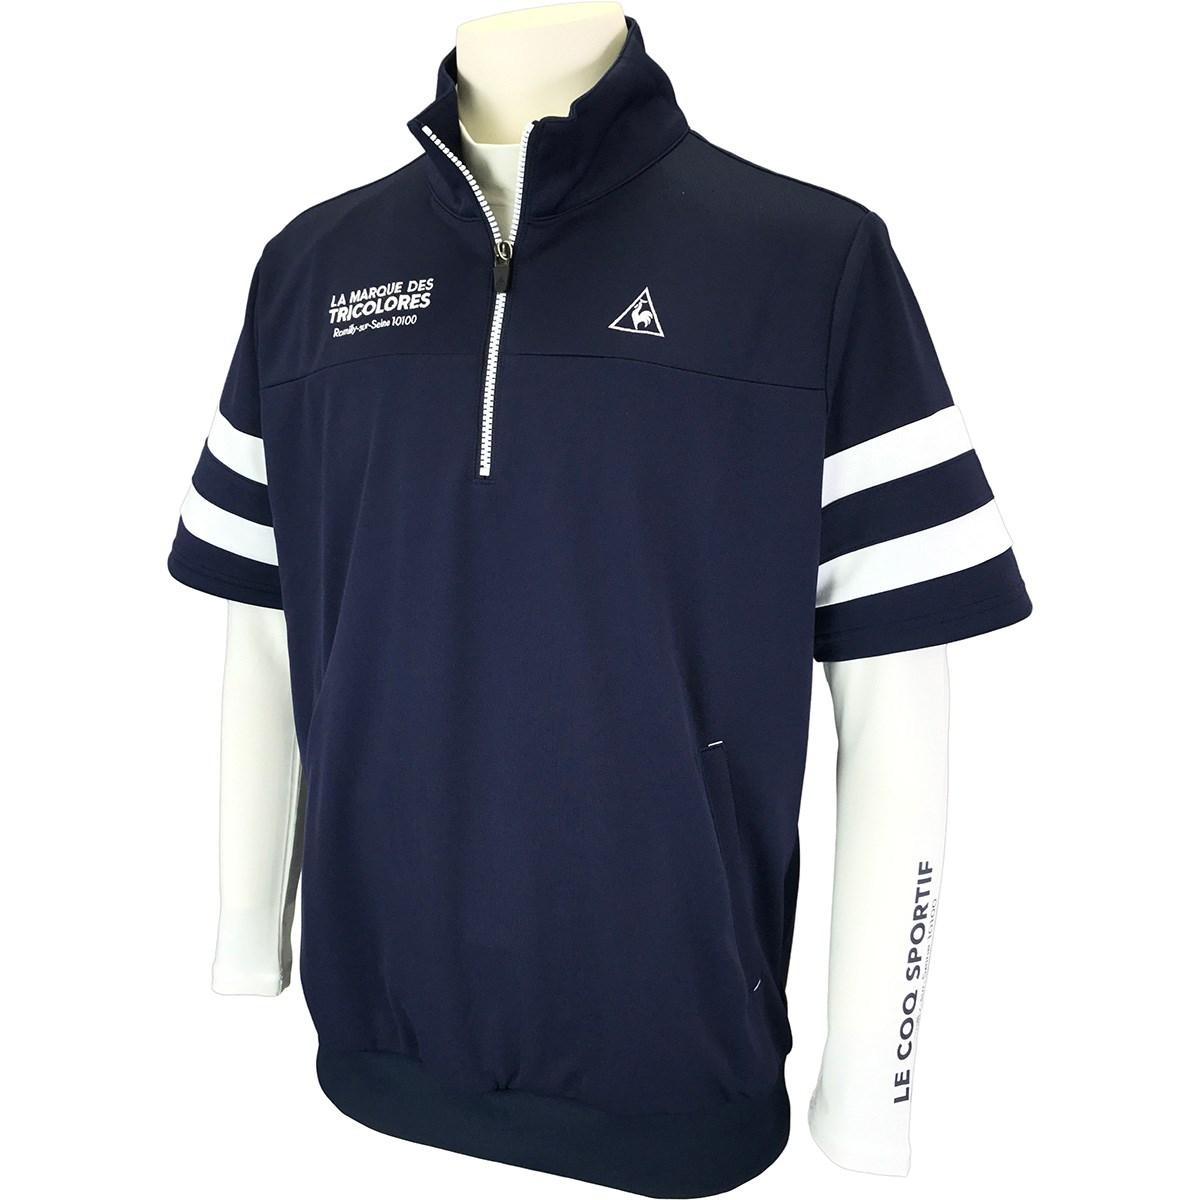 ルコックゴルフ Le coq sportif GOLF 長袖アンダーシャツ付き 半袖シャツ LL ネイビー 00